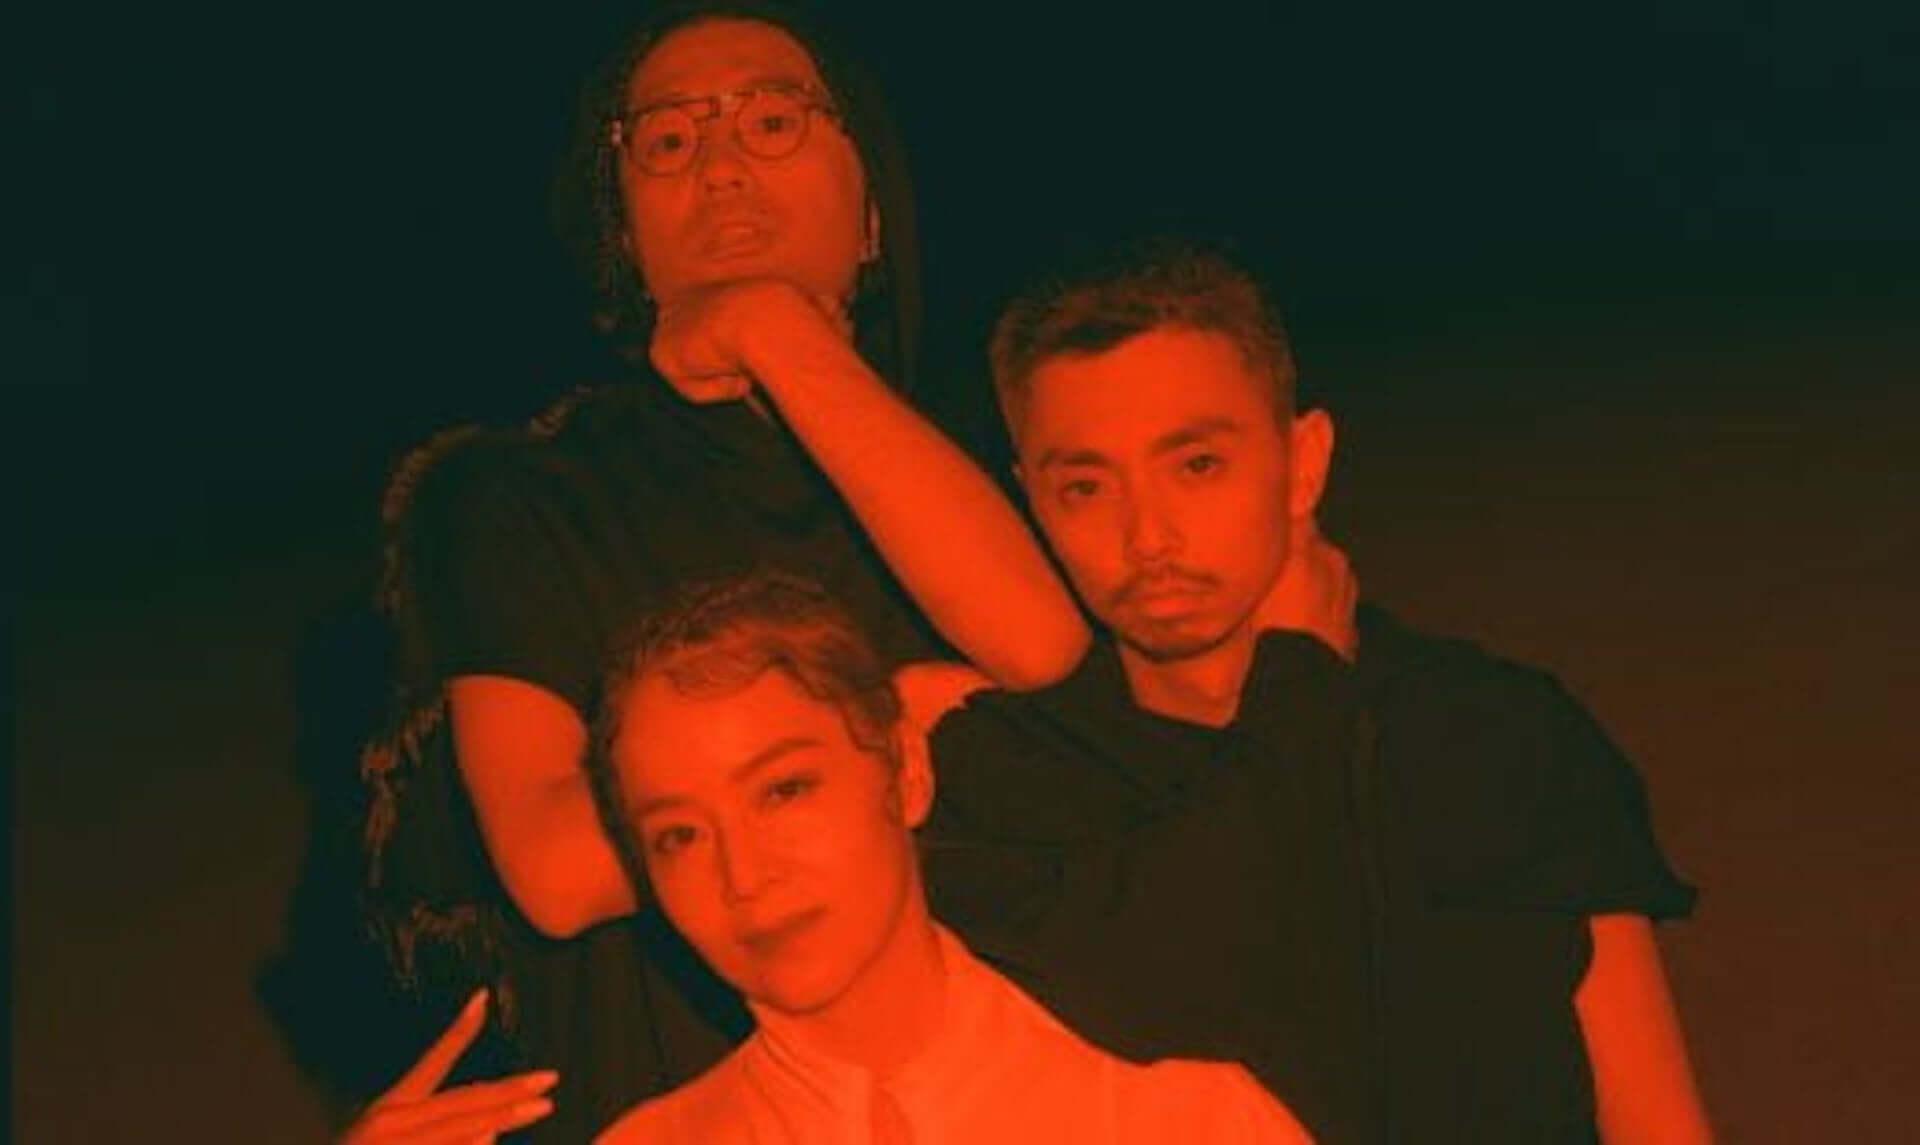 渋谷VISIONにFNCY、STUTS、okadada、大比良瑞希らが集結!<trackmaker>5周年記念イベントがクリスマスに開催決定 music201217_vision_9-1920x1145